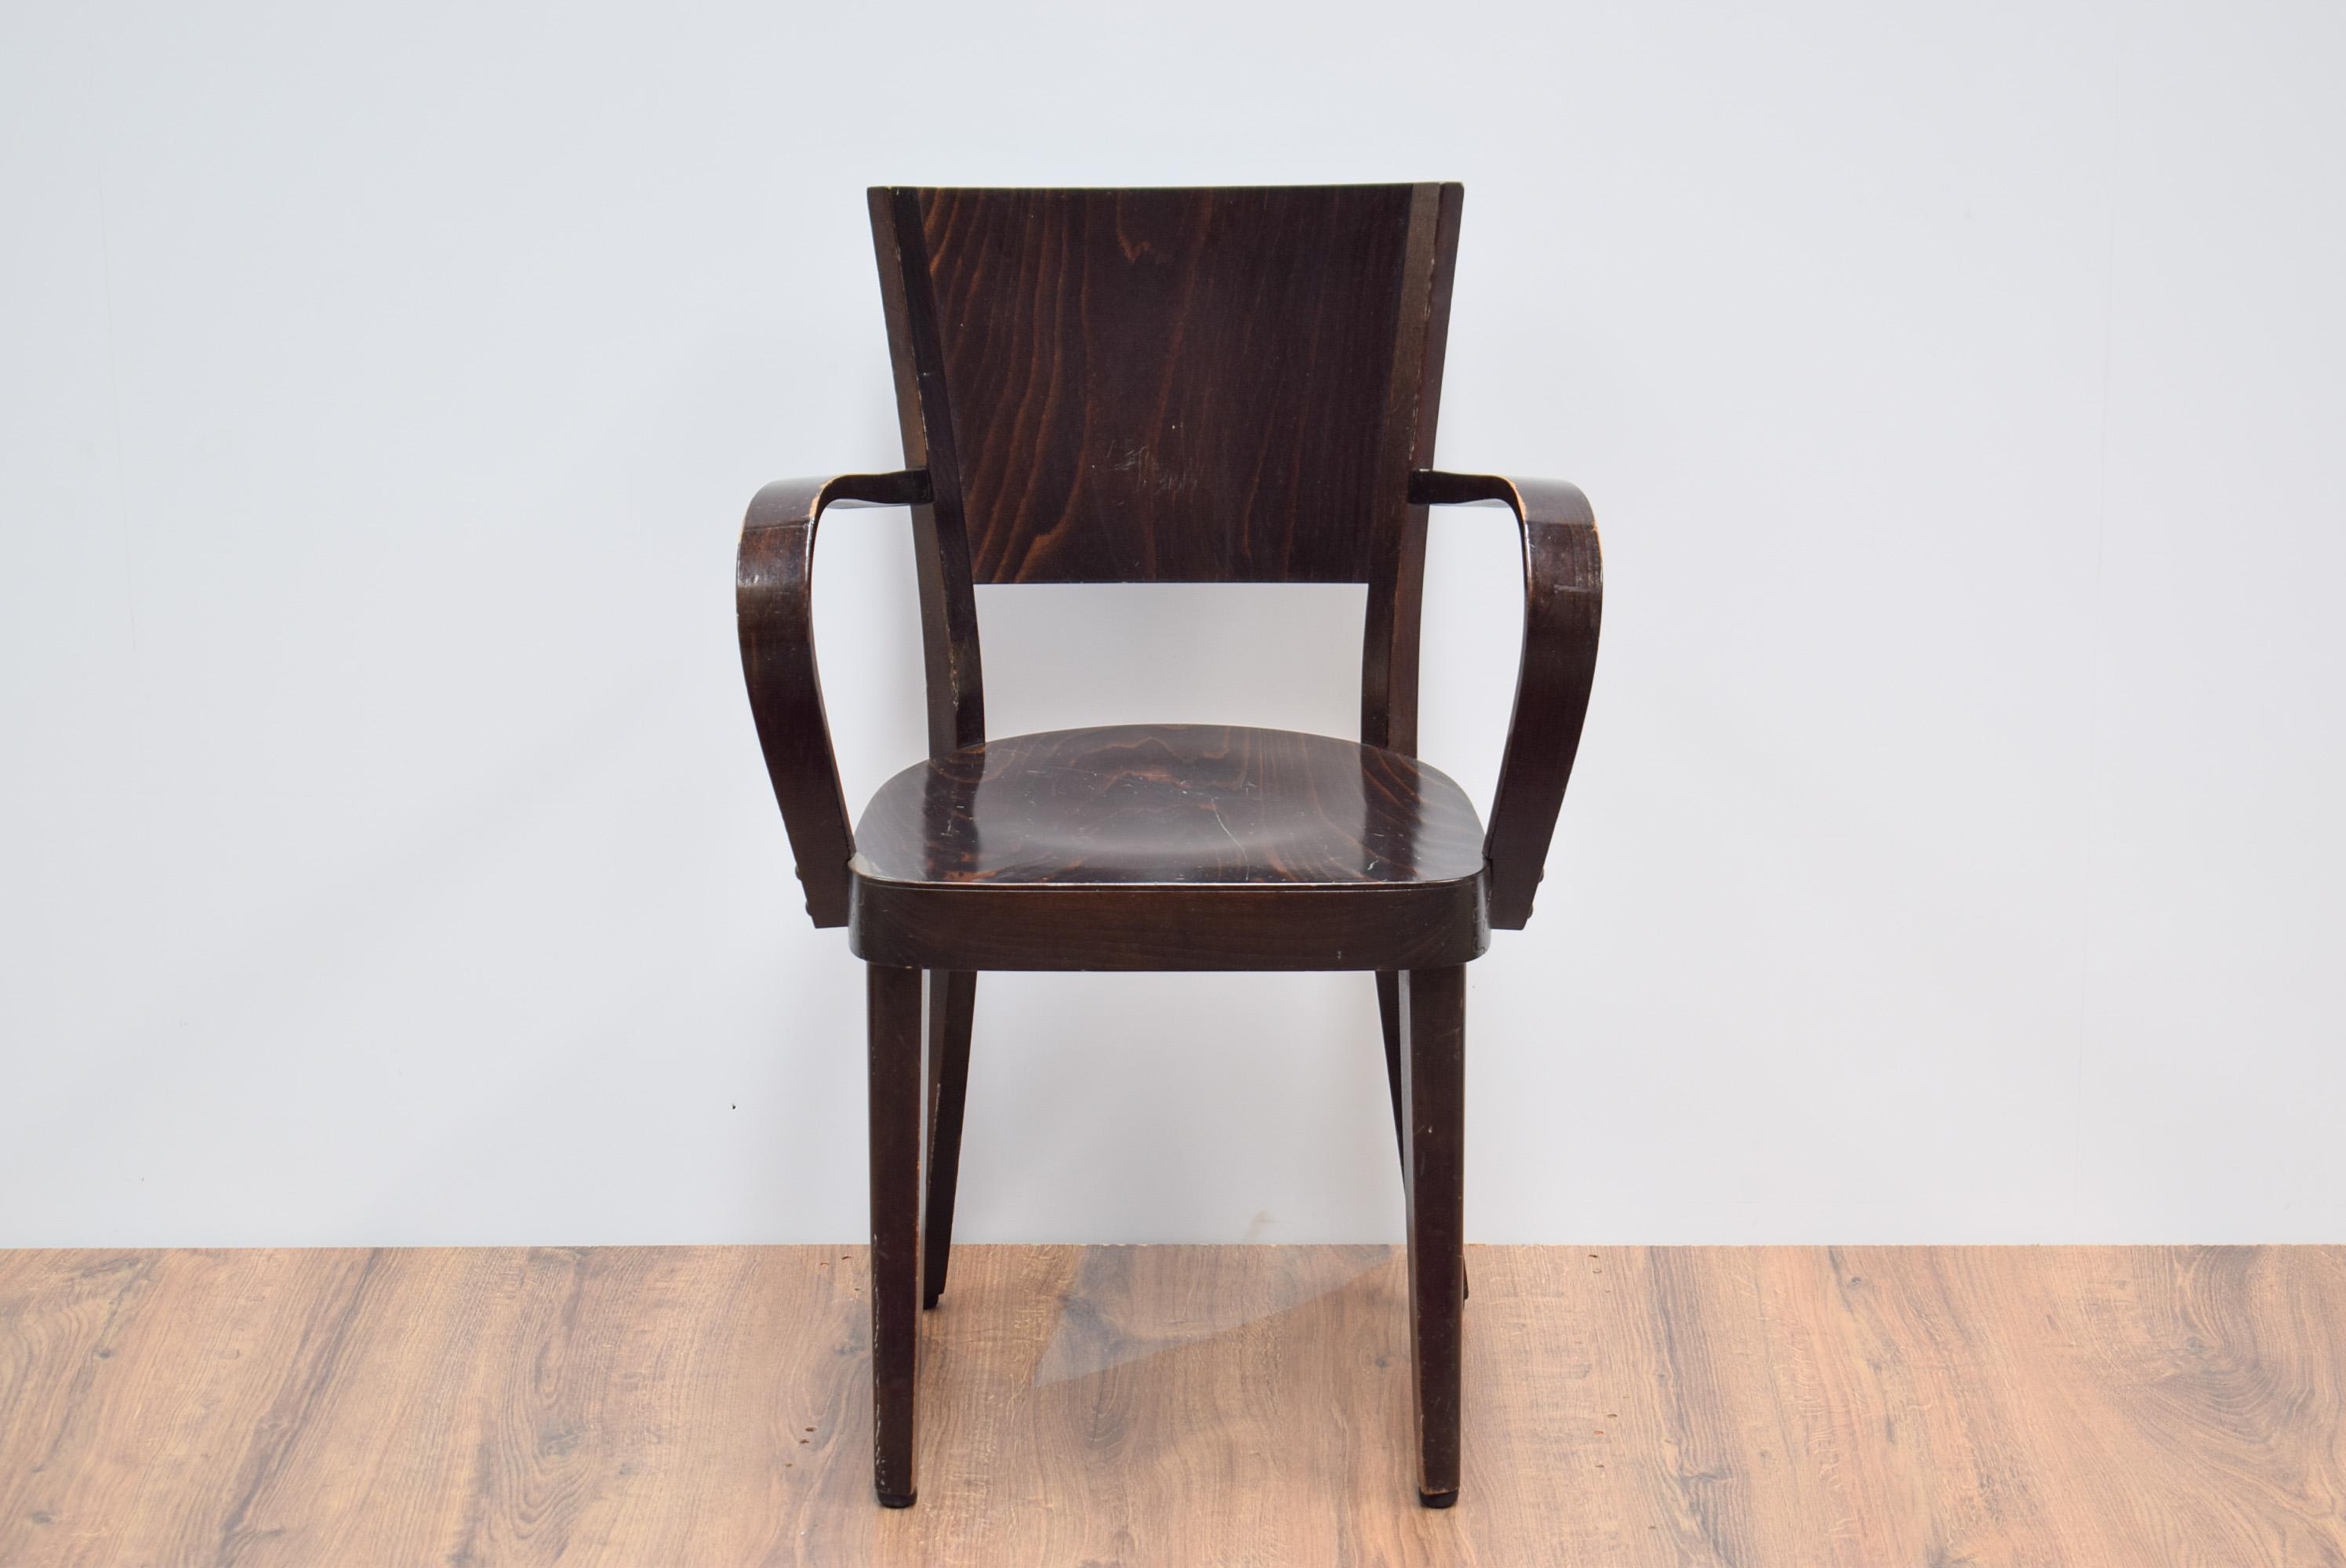 stoel-donker-hout-1882